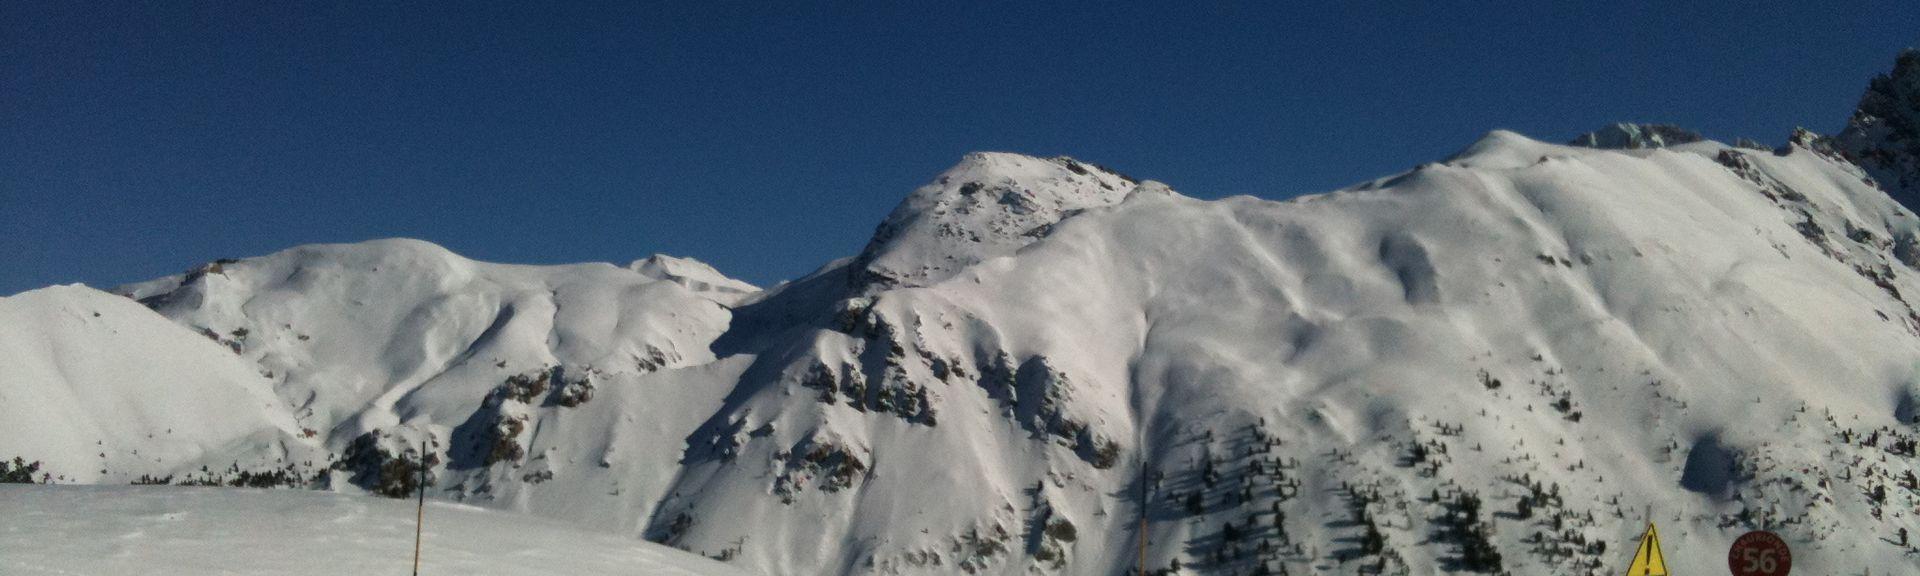 École de ski Pure Snowschool, Vars, Provence-Alpes-Côte d'Azur, France